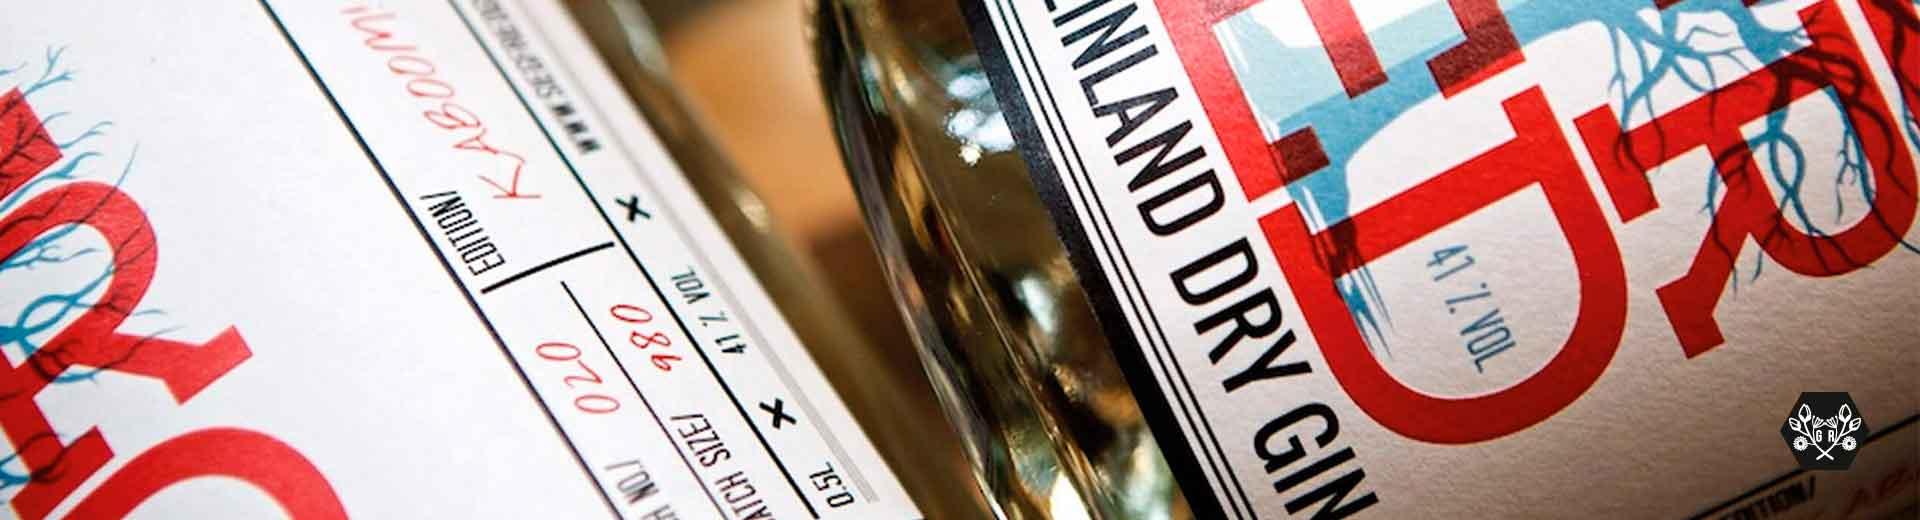 Rheinland Distillers